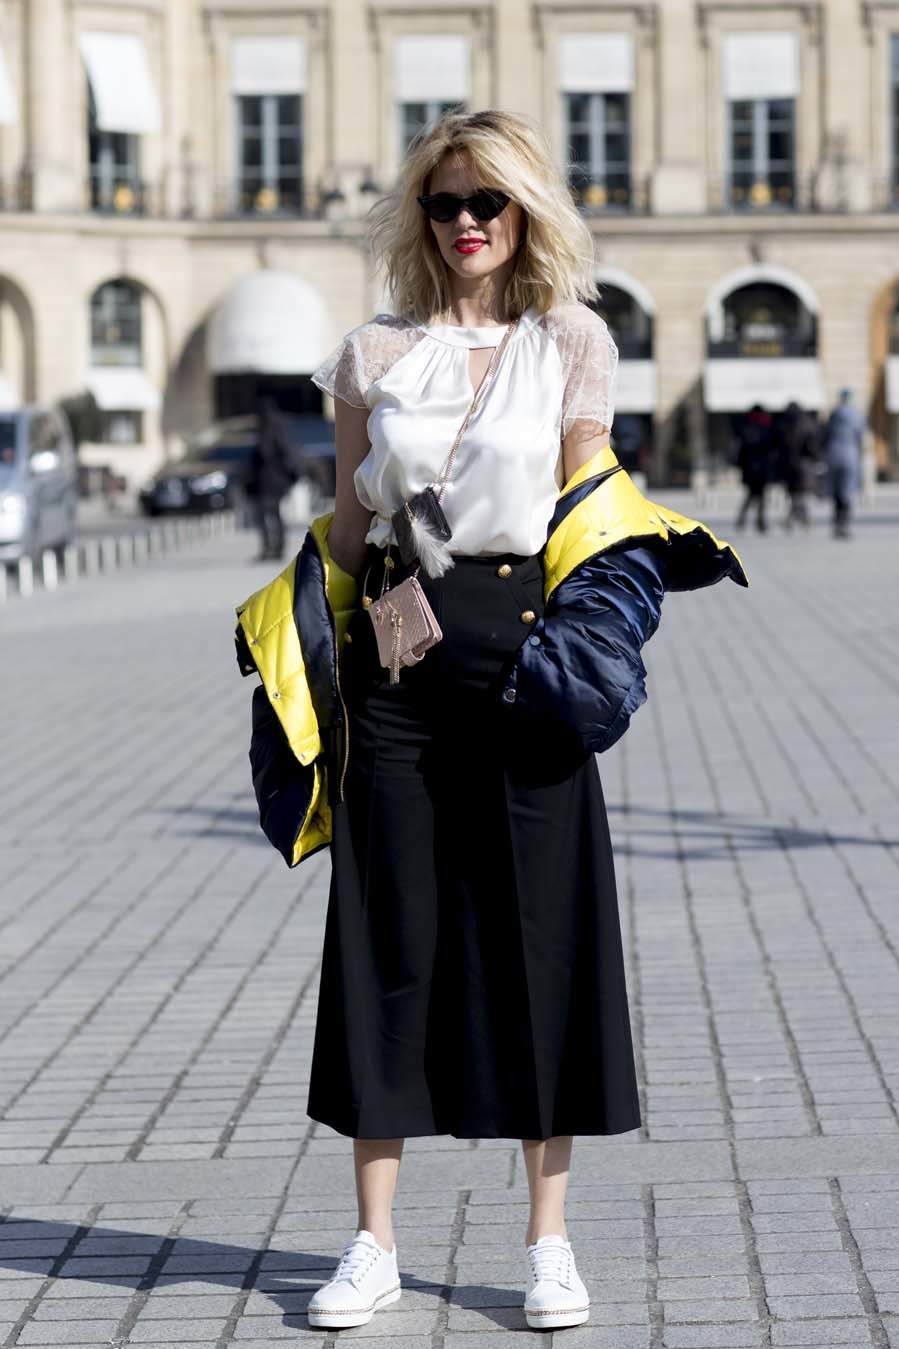 Con falda midi azul marino y blusa con transparencias, dándole un...